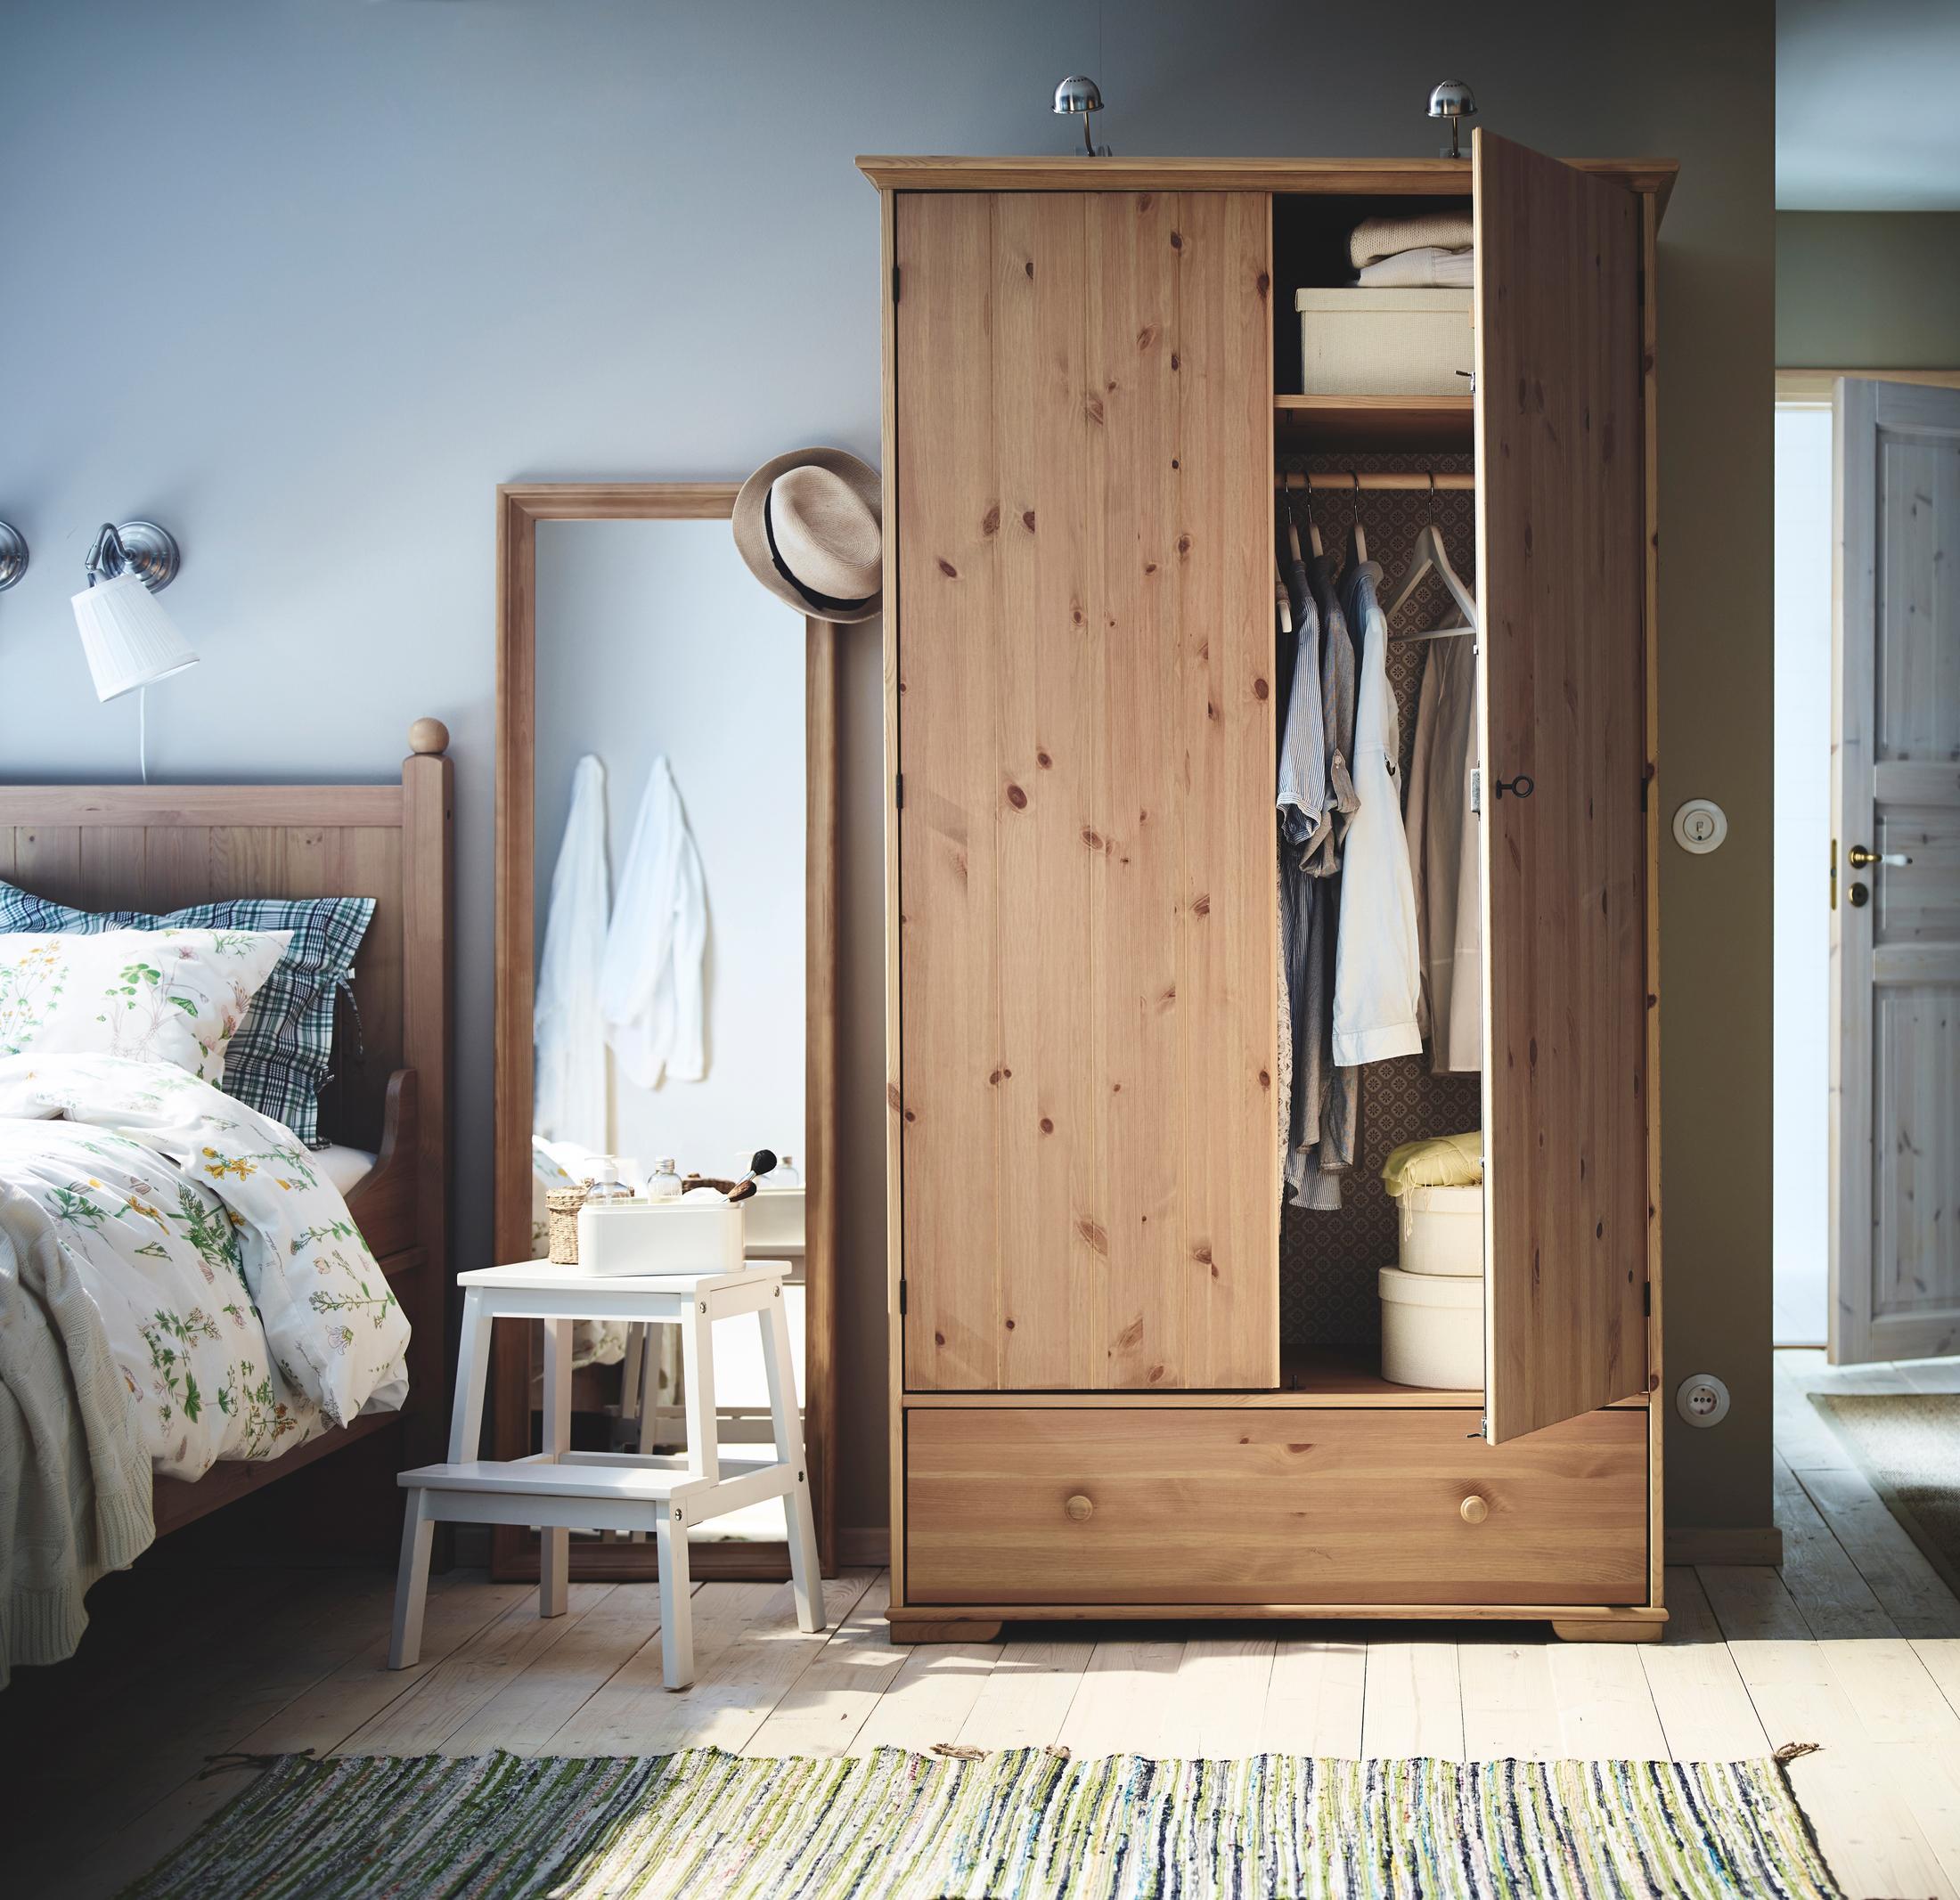 Beistelltisch Schlafzimmer • Bilder & Ideen • Couchs